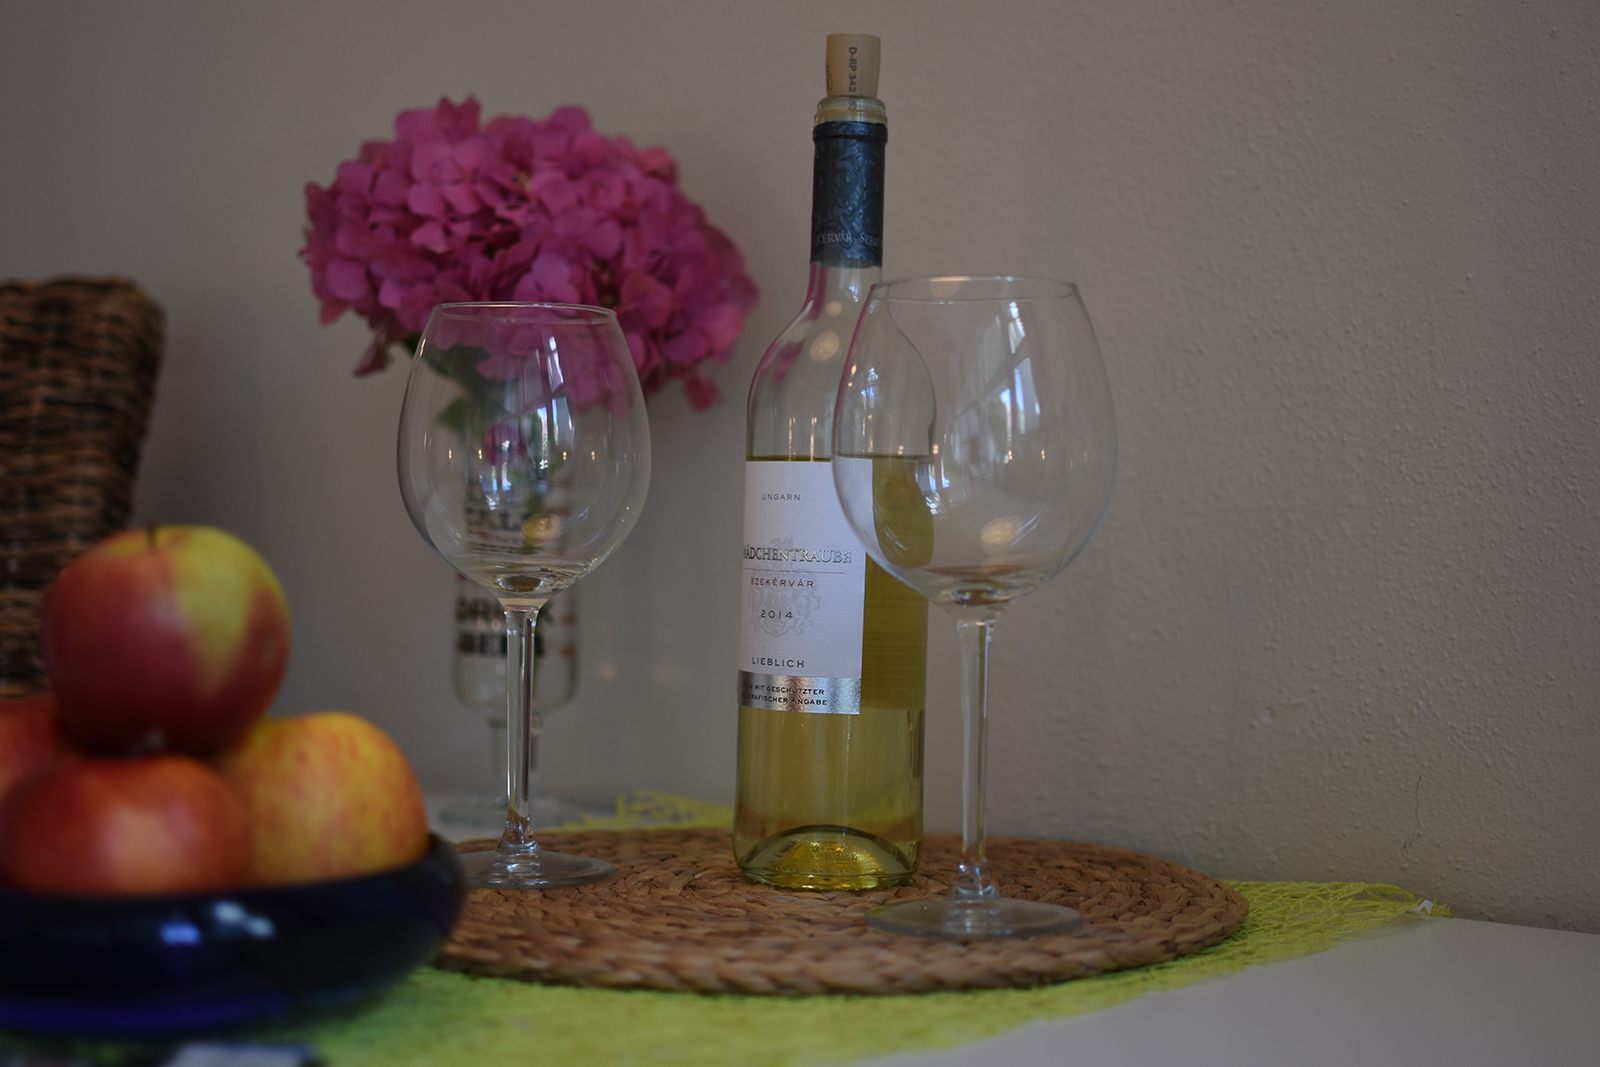 Ferienwohnung am Bodensee: City Apartment 1 - Wein